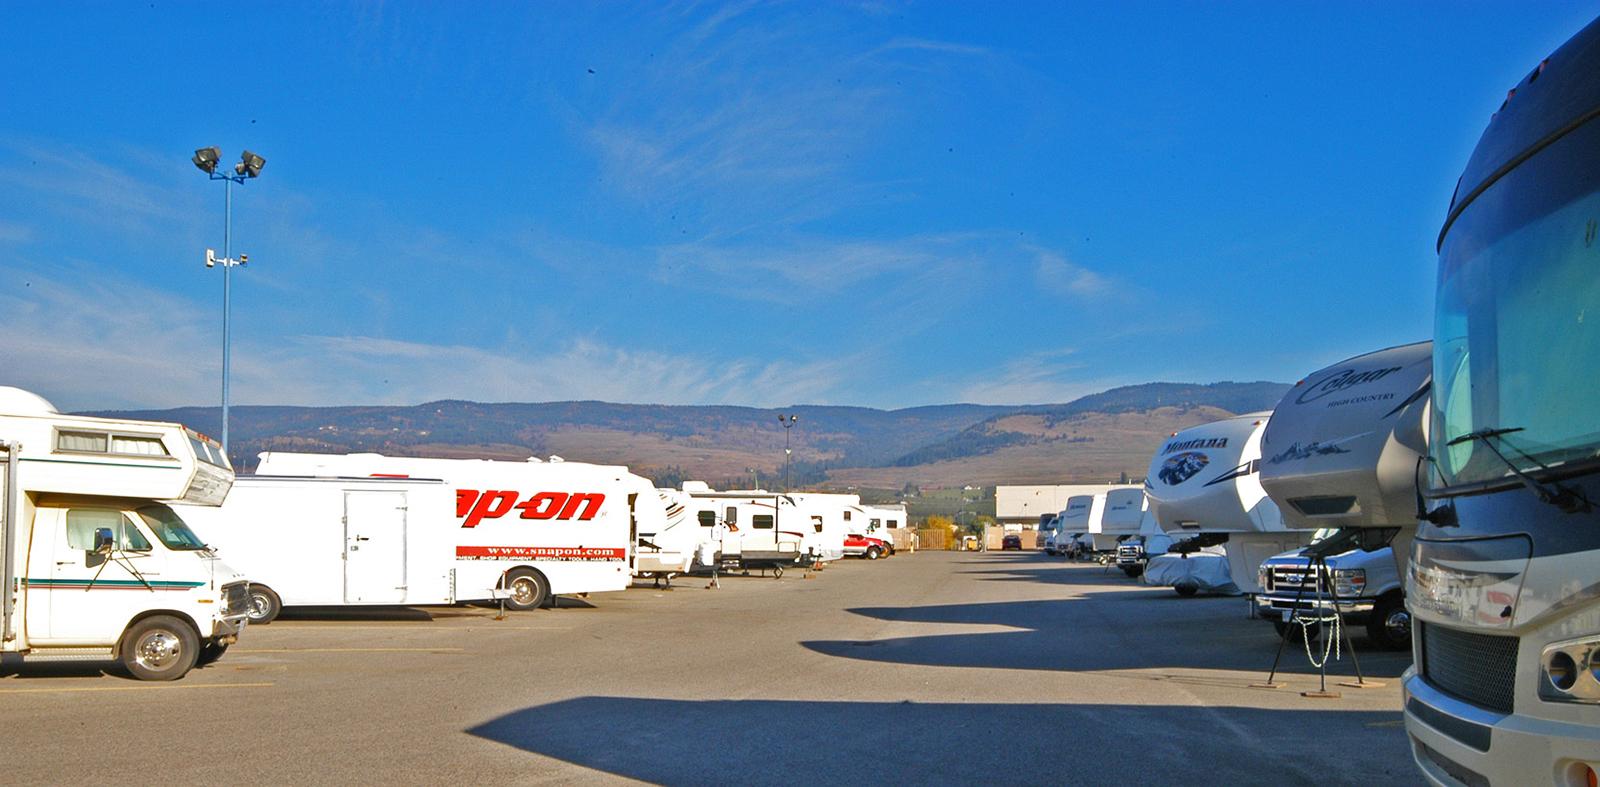 & Kelowna Self Storage Company Expands RV Storage